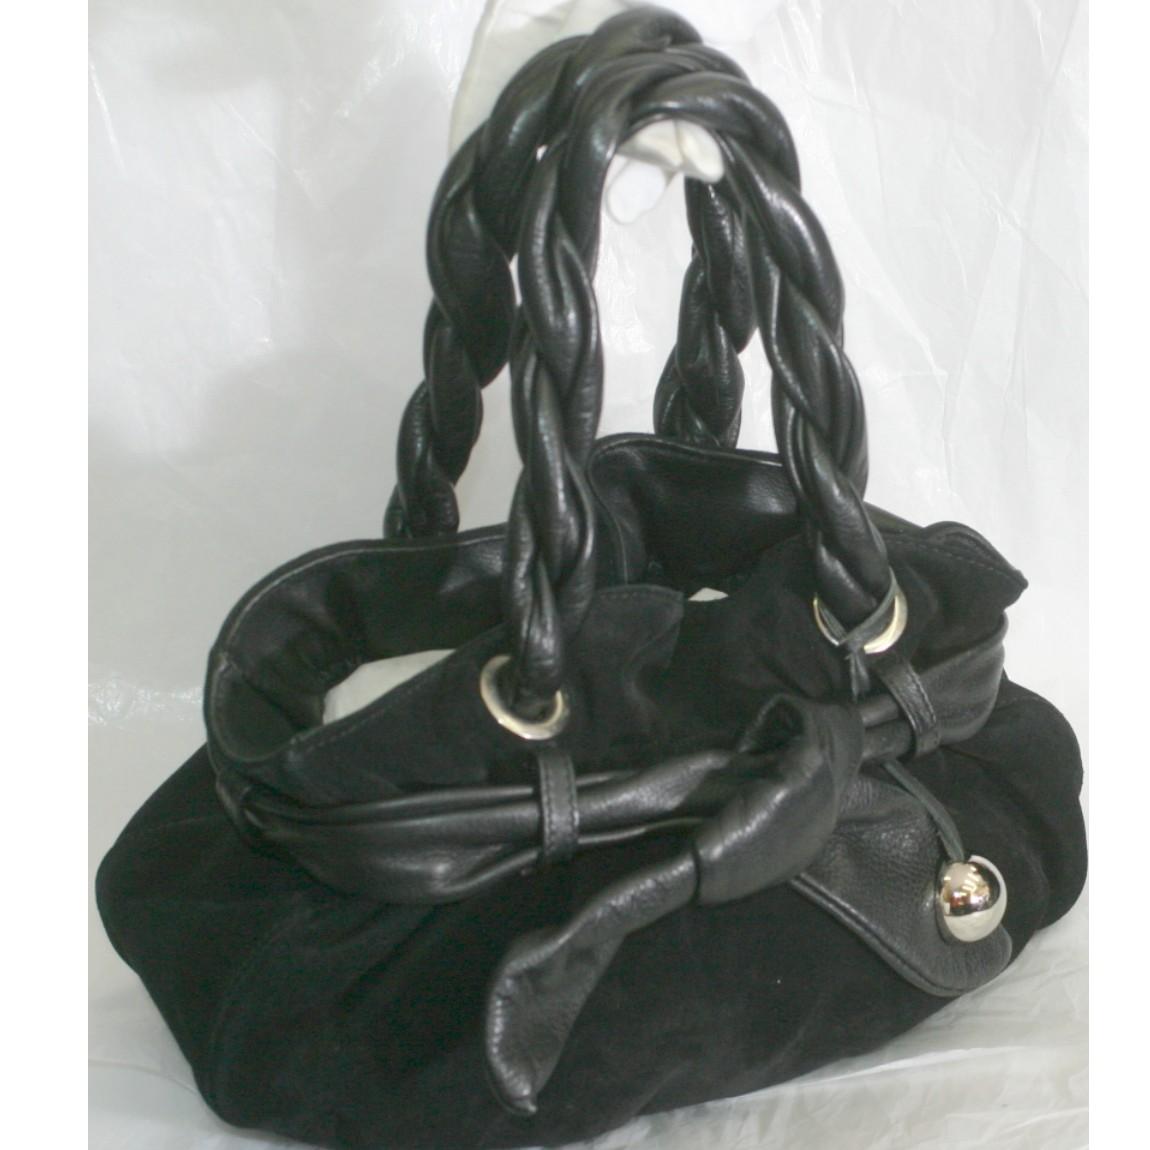 【中古】フルラ女性用黒いスエード素材のお洒落なフォルムのバッグ サイズW30H13D14cm